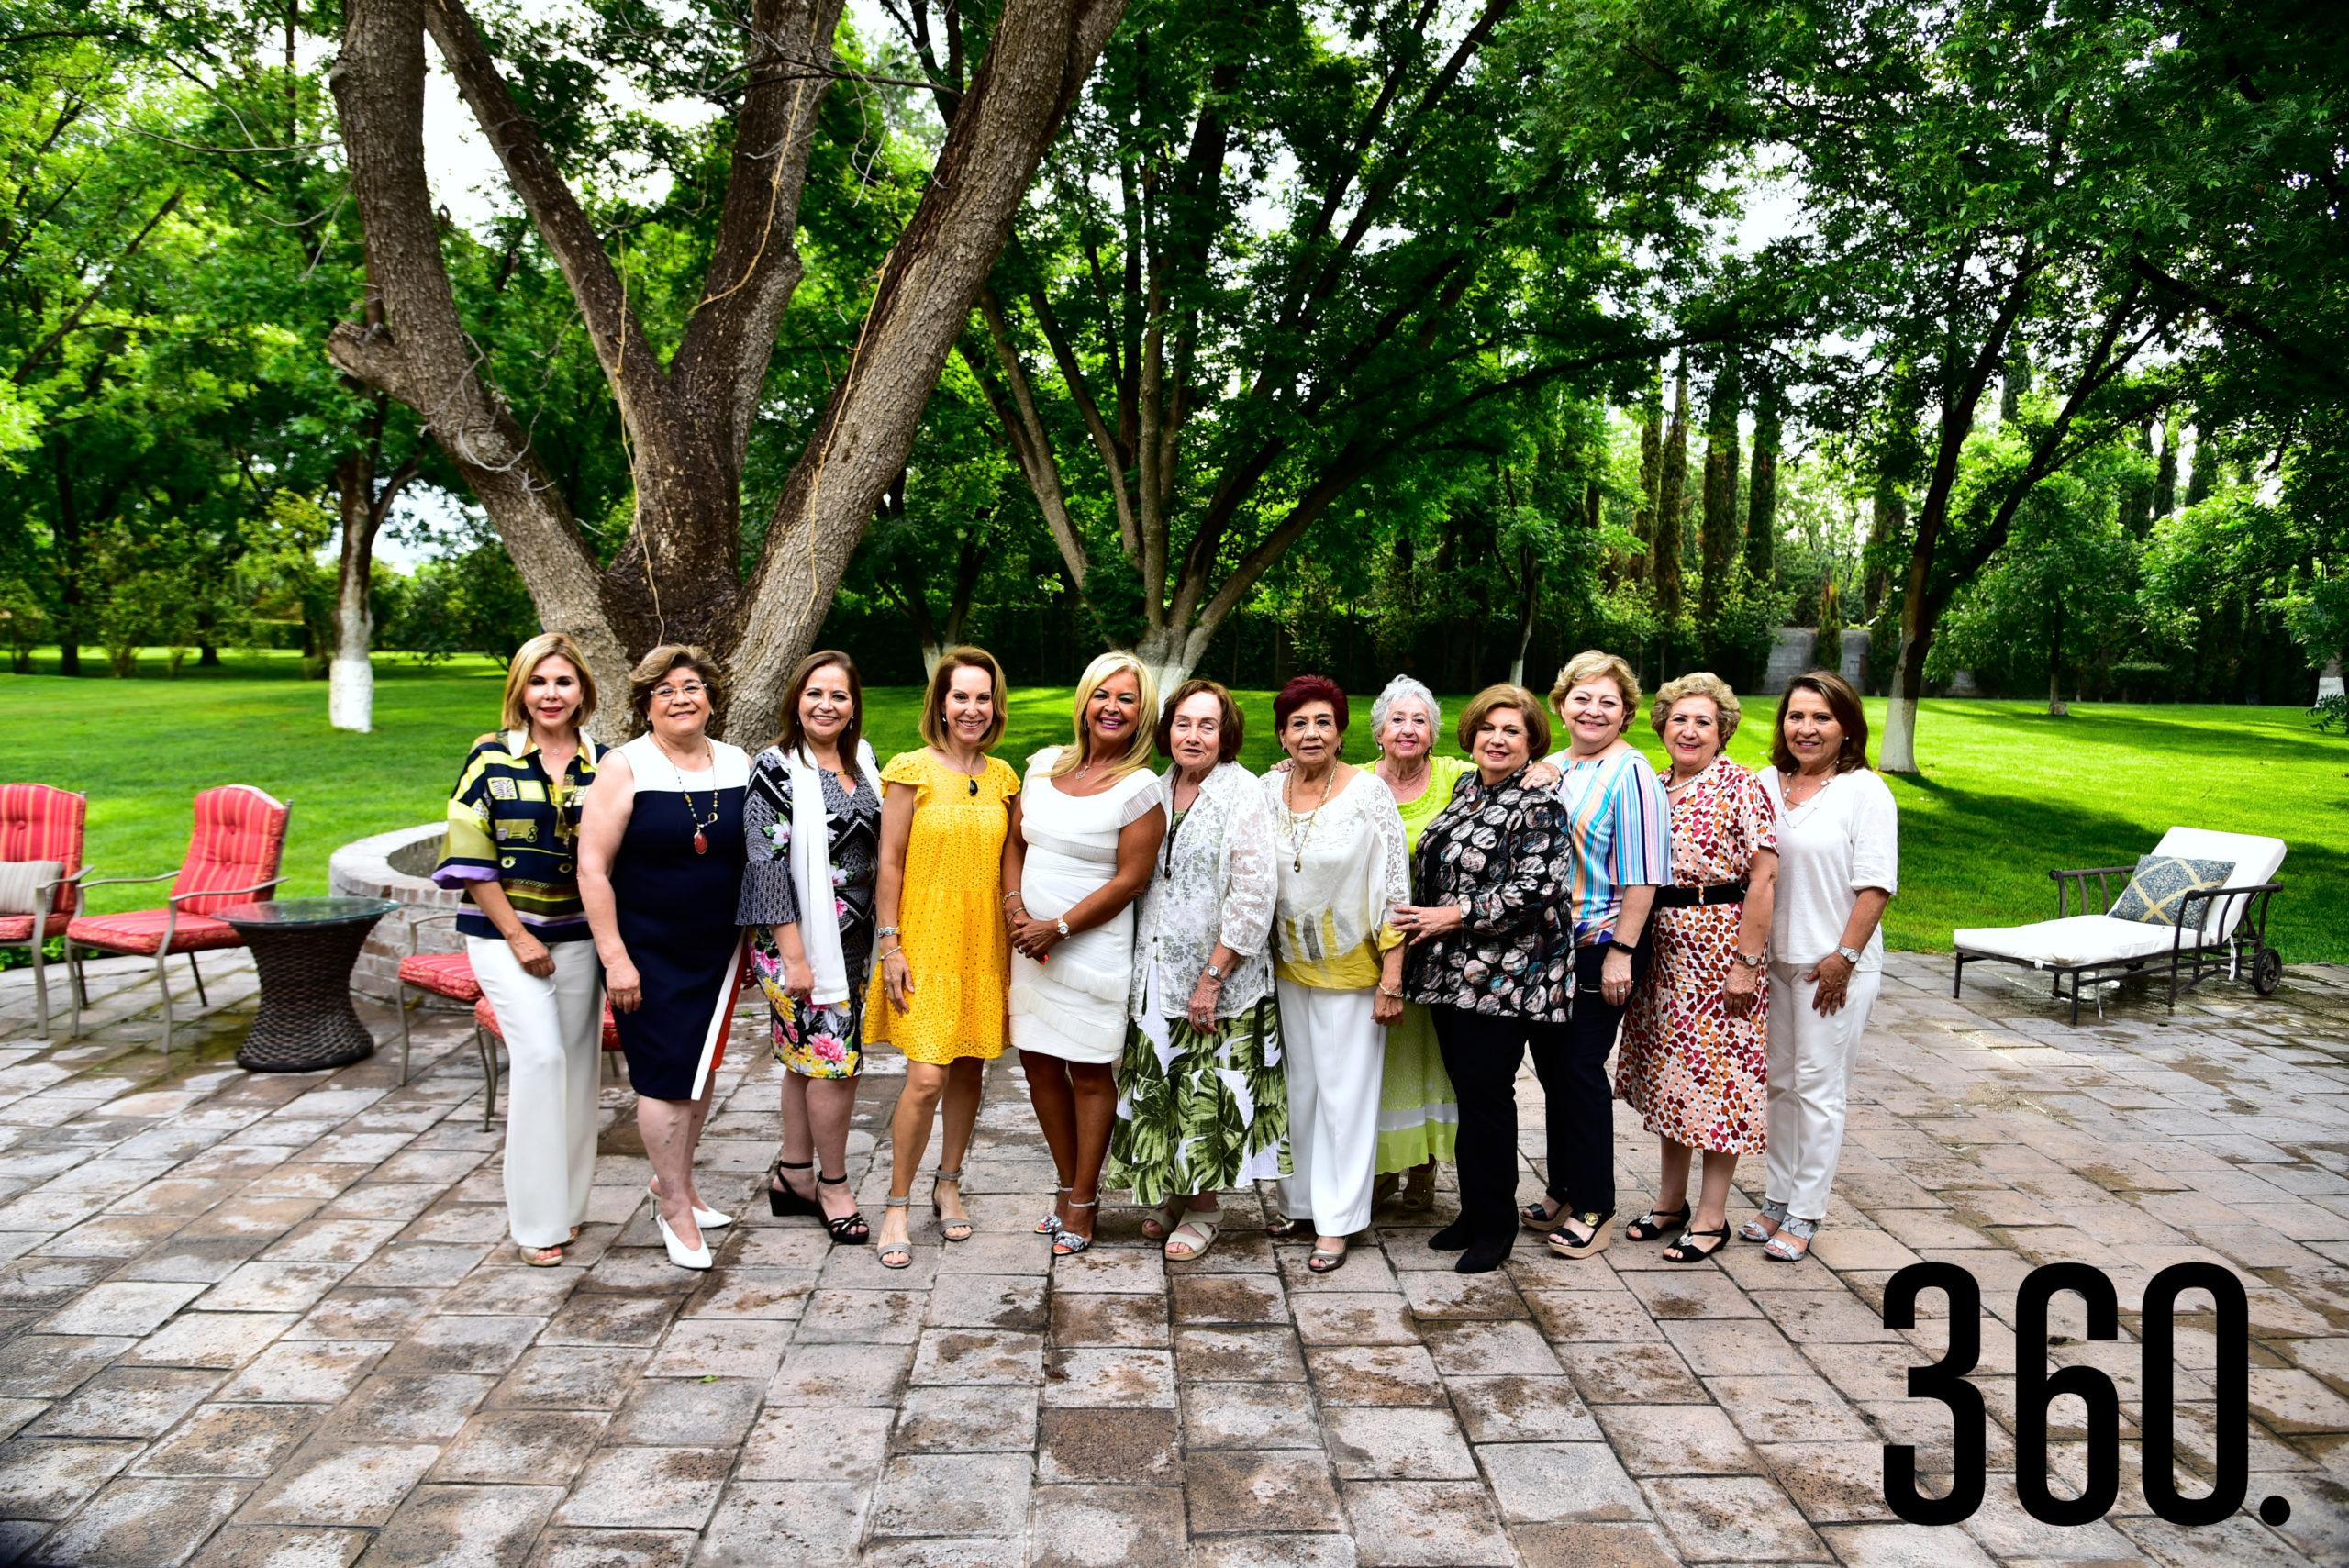 Club de Jardinería Azalea, celebrando el 45 aniversario de su fundación.